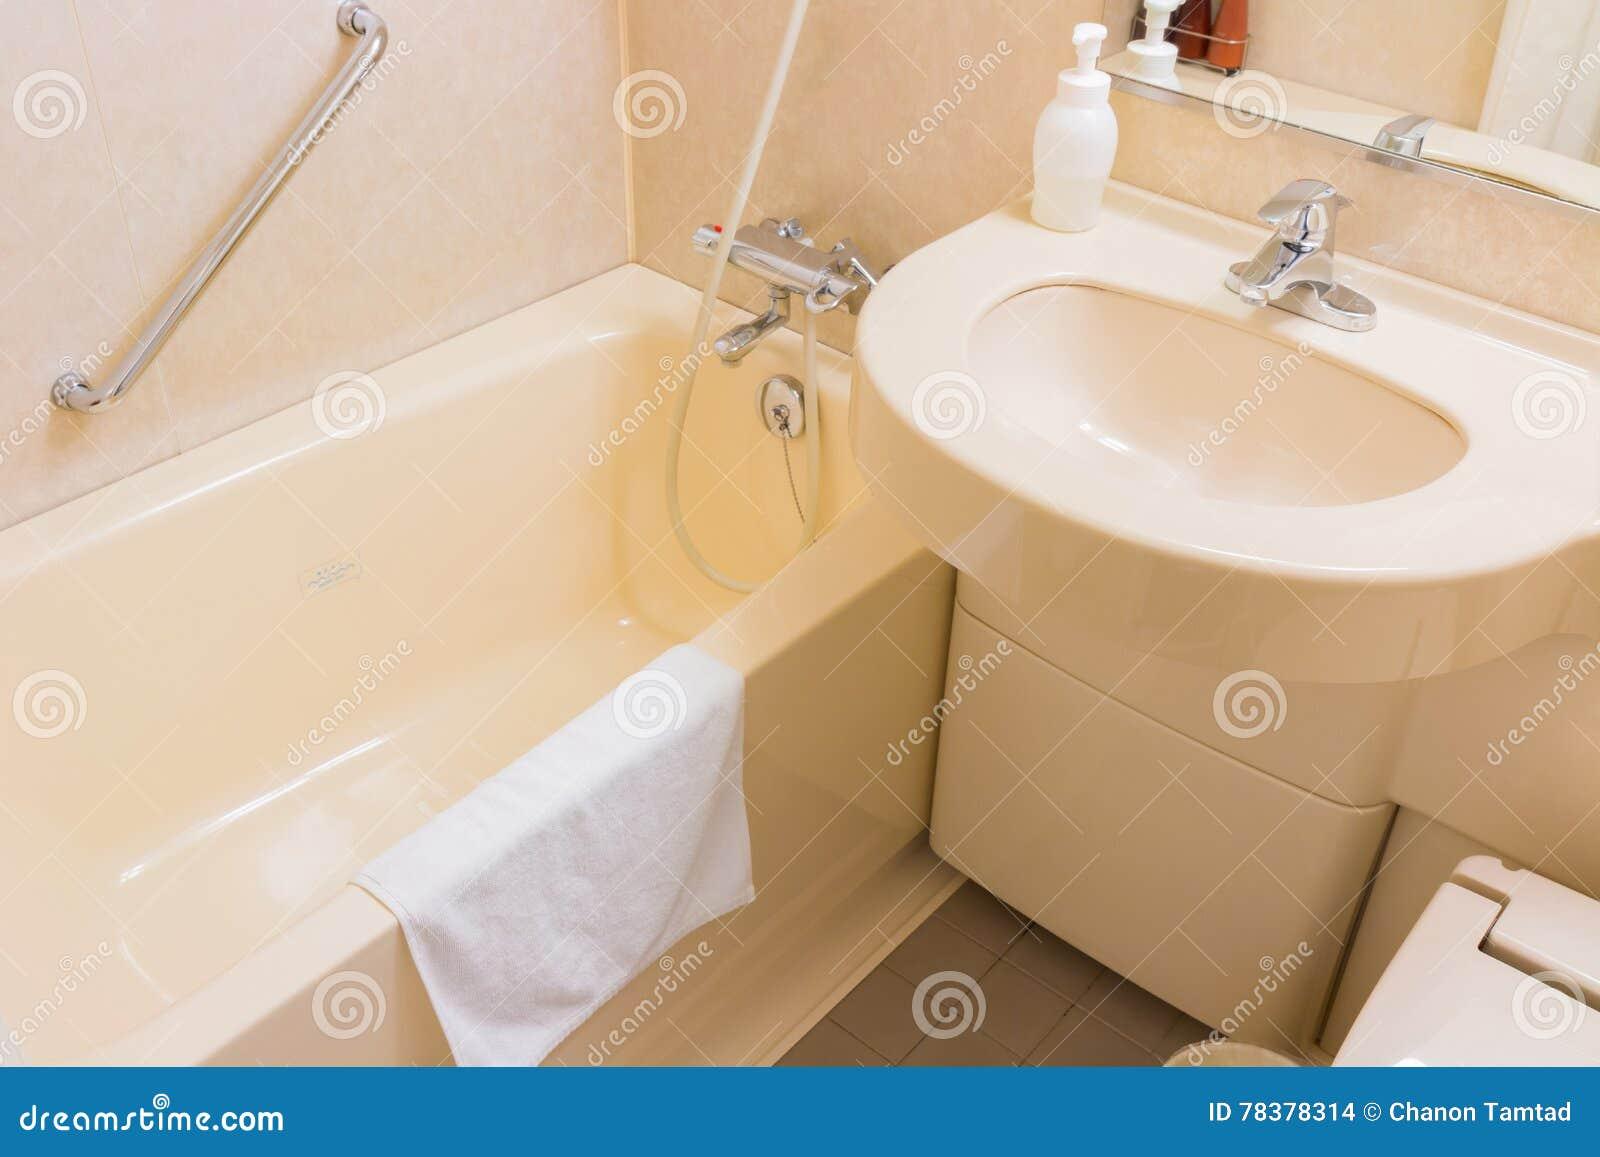 Salle De Bain Saumon lavabo et baignoire de luxe dans une salle de bains, un